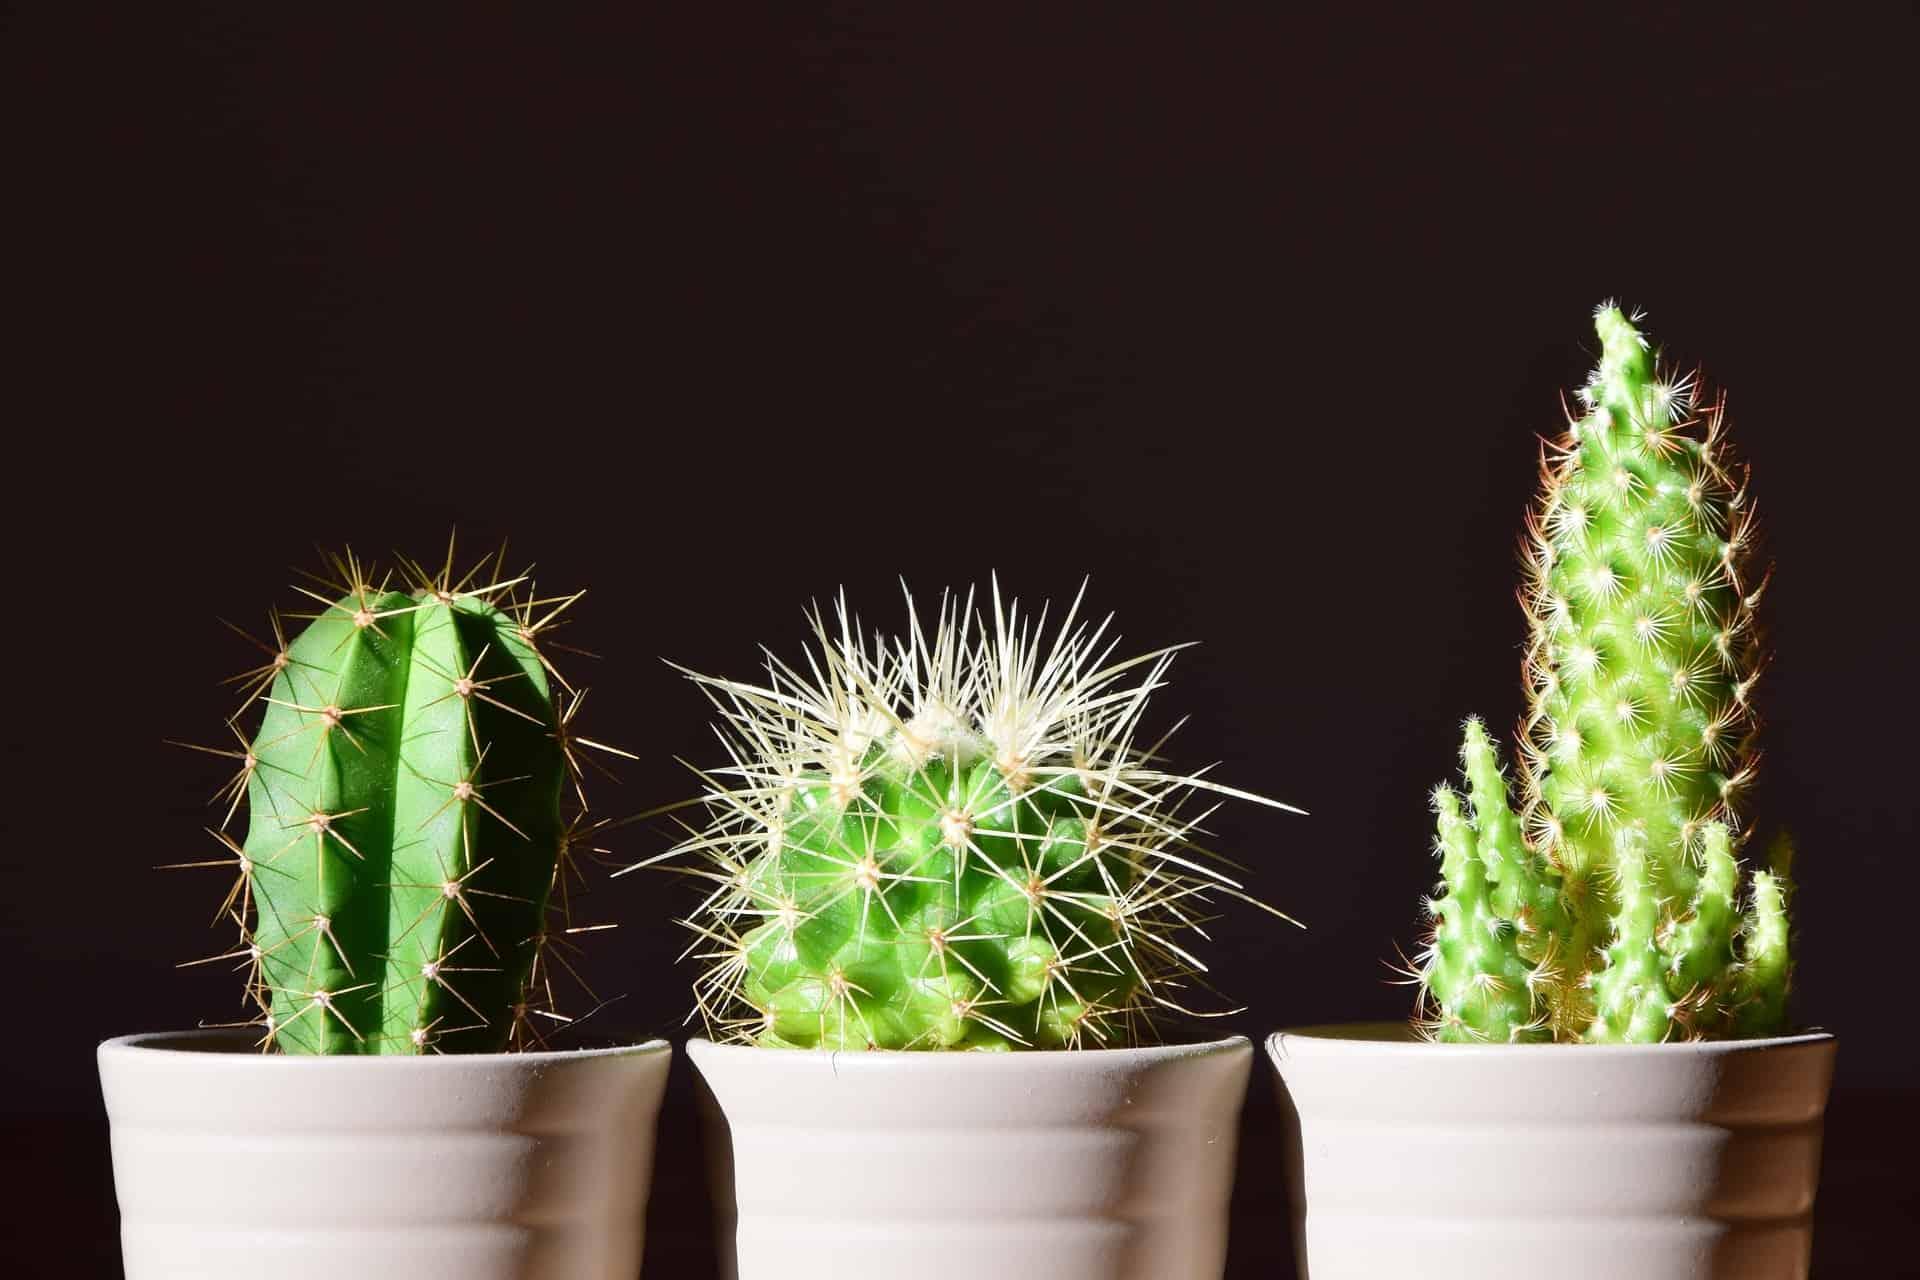 die richtige pflege der wichtigsten zimmerpflanzen nachgeharkt. Black Bedroom Furniture Sets. Home Design Ideas